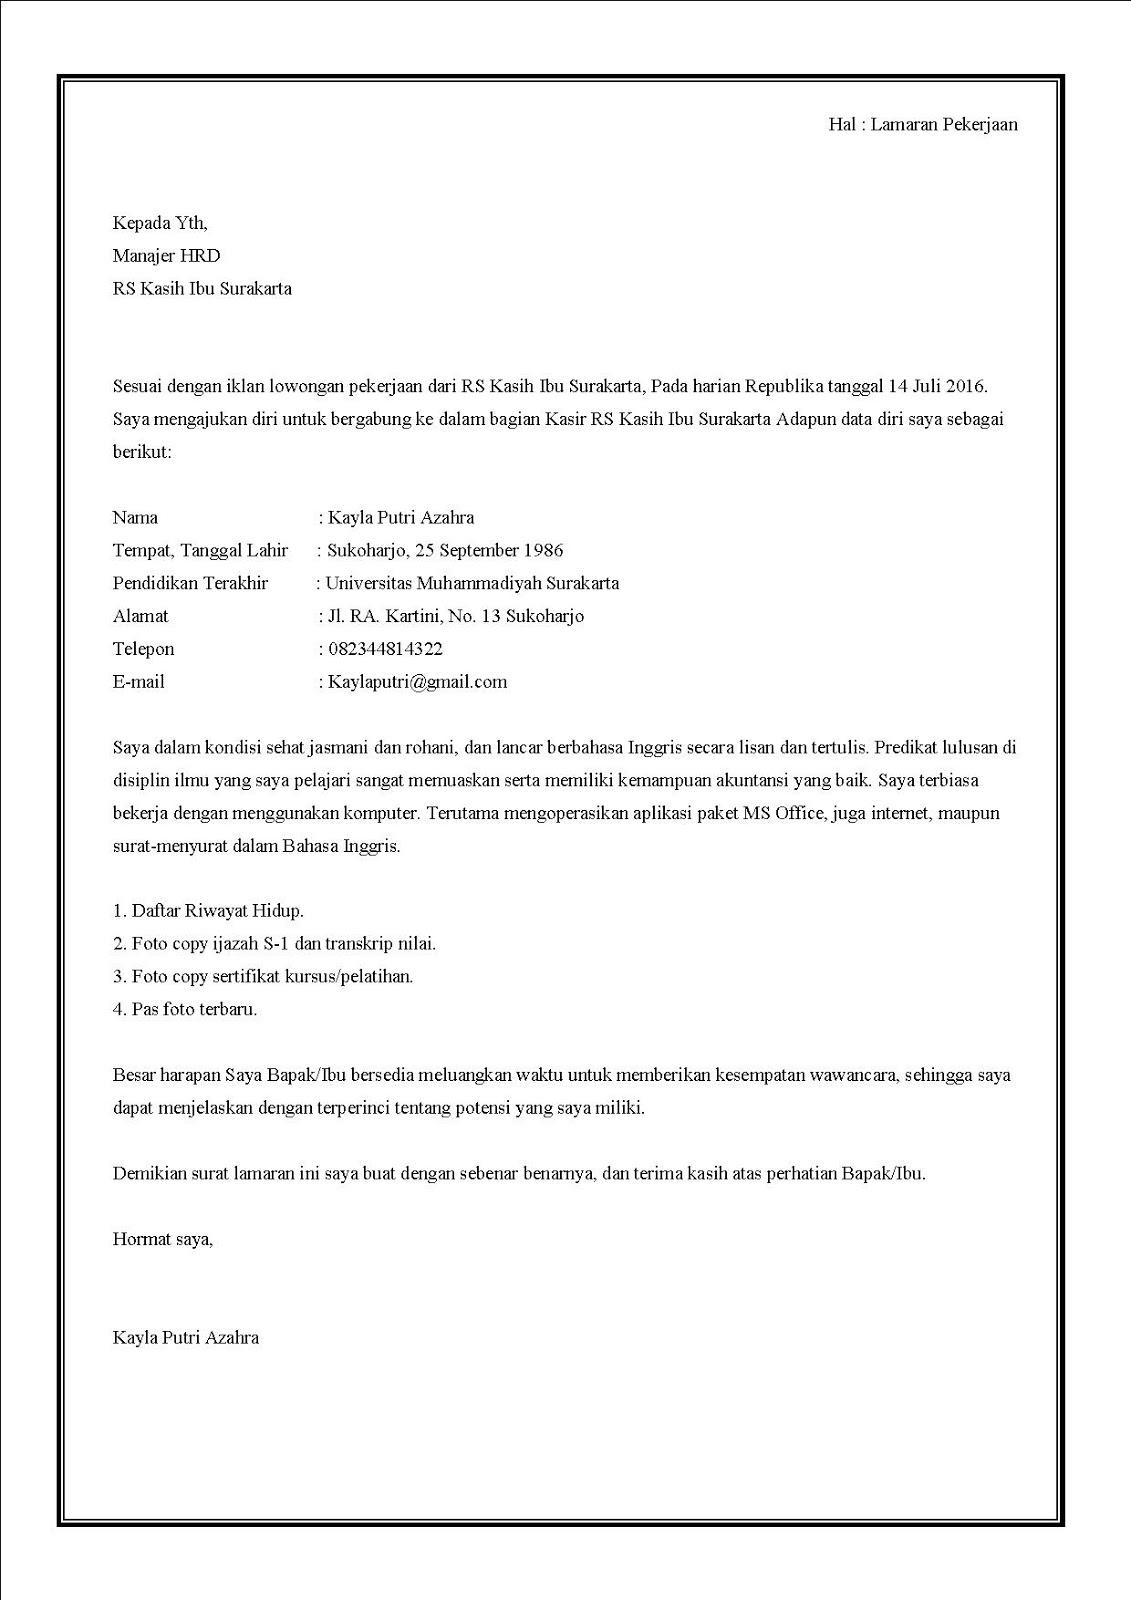 Contoh surat lamaran kerja di rumah sakit bagian kasir